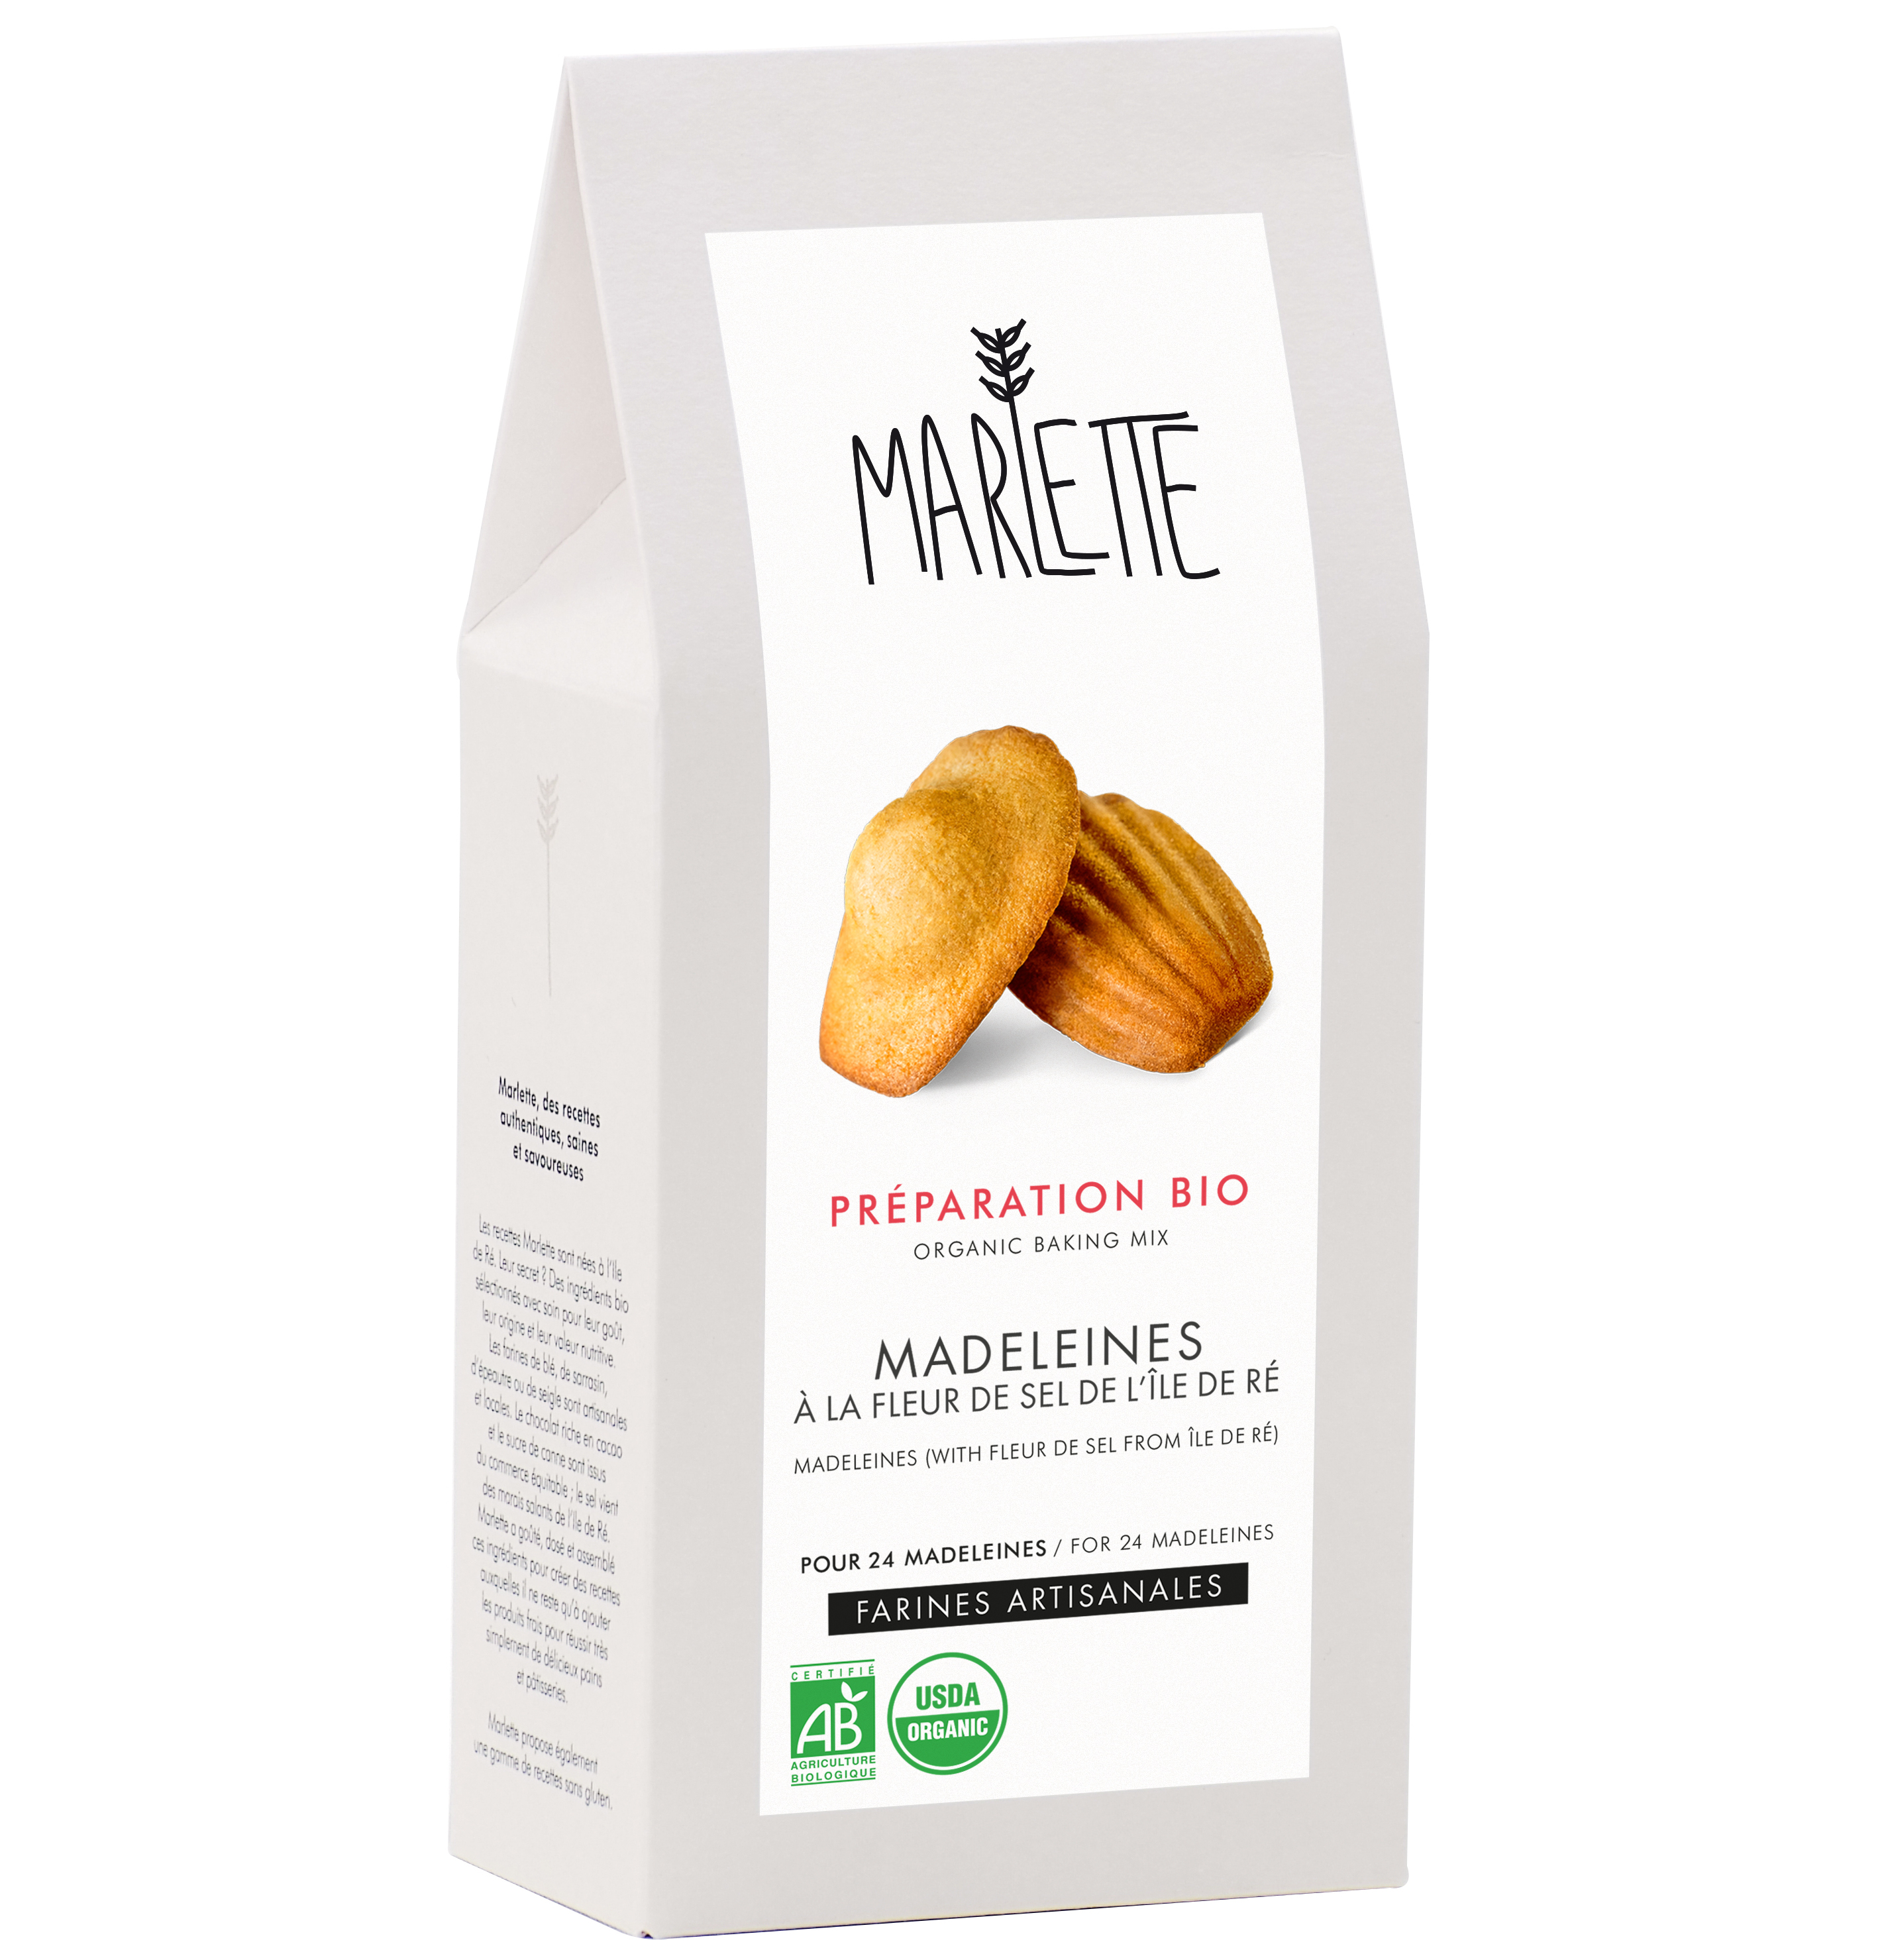 """Préparation """"Madeleines à la fleur de sel de l'île de Ré"""" Bio, Marlette"""